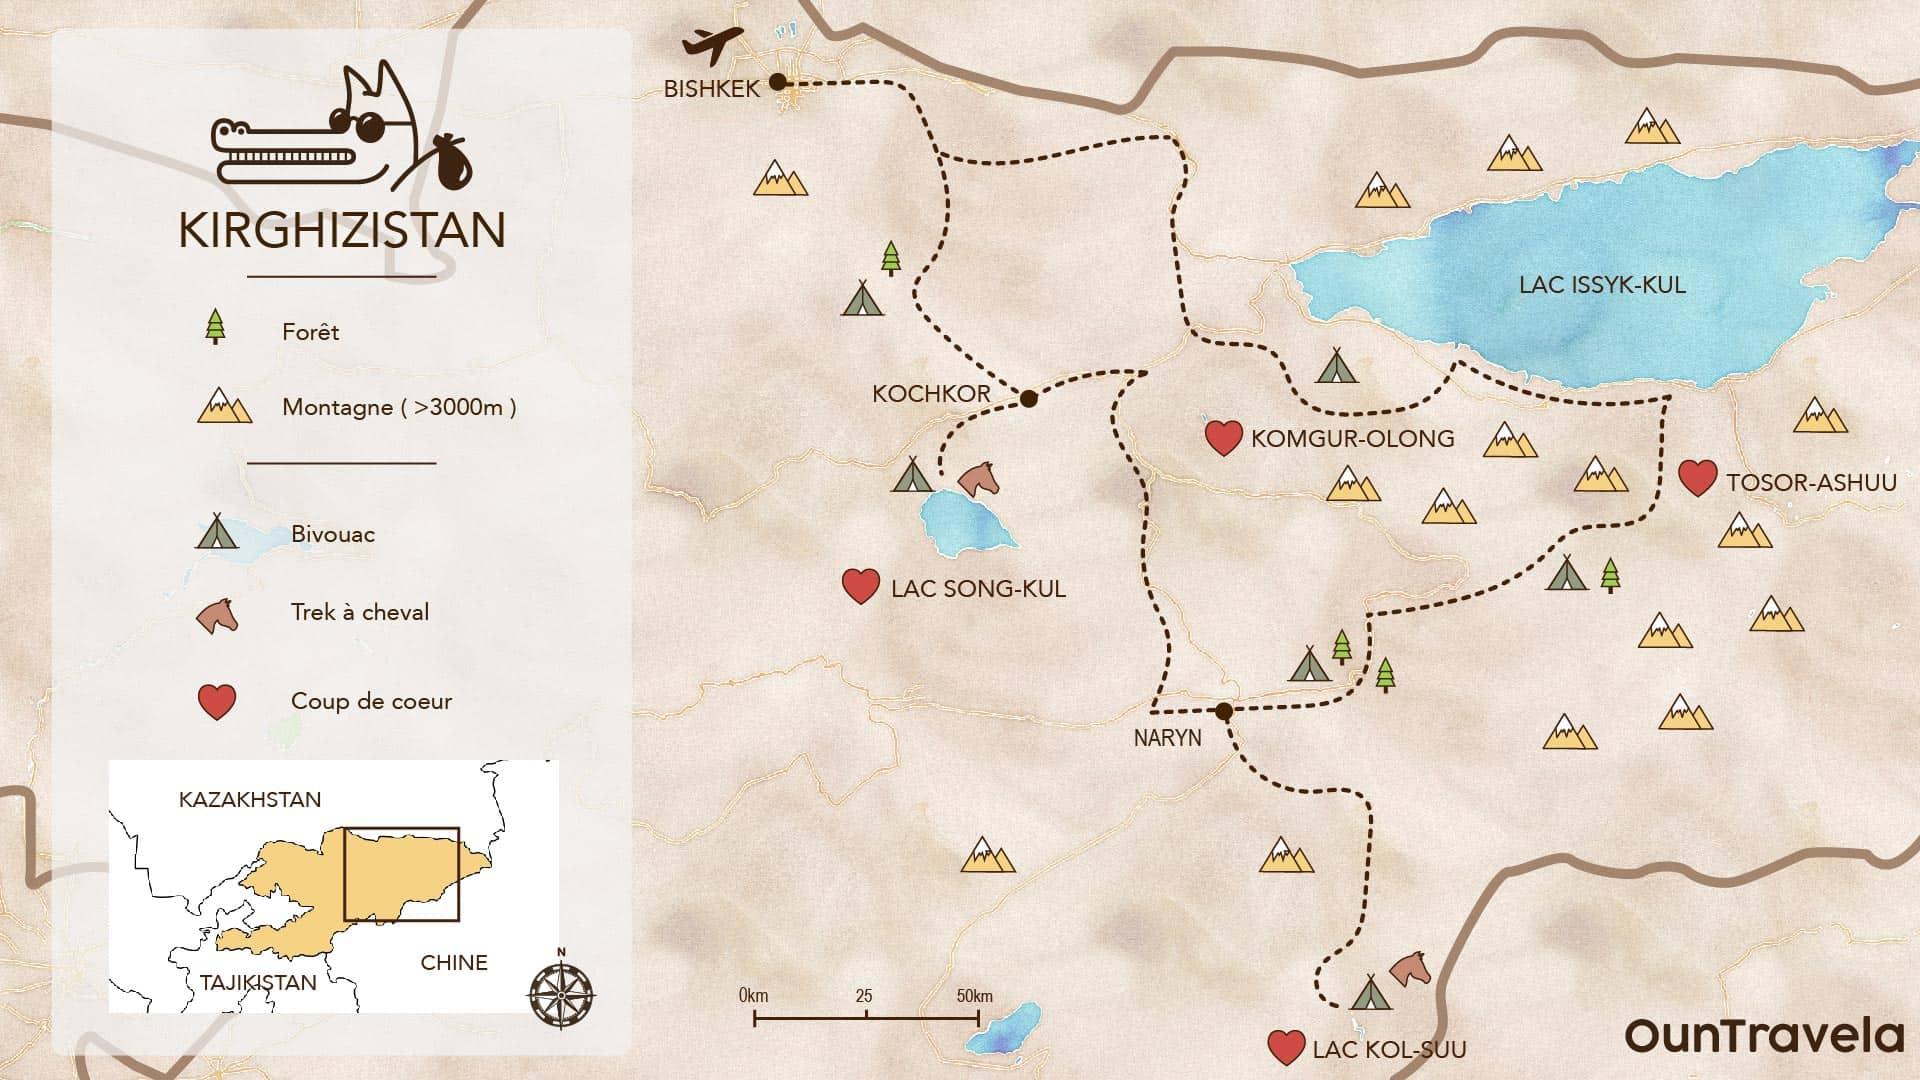 Carte Kirghizistan : trace GPS 4x4 et moto off road spot bivouac treck à cheval coup de coeur